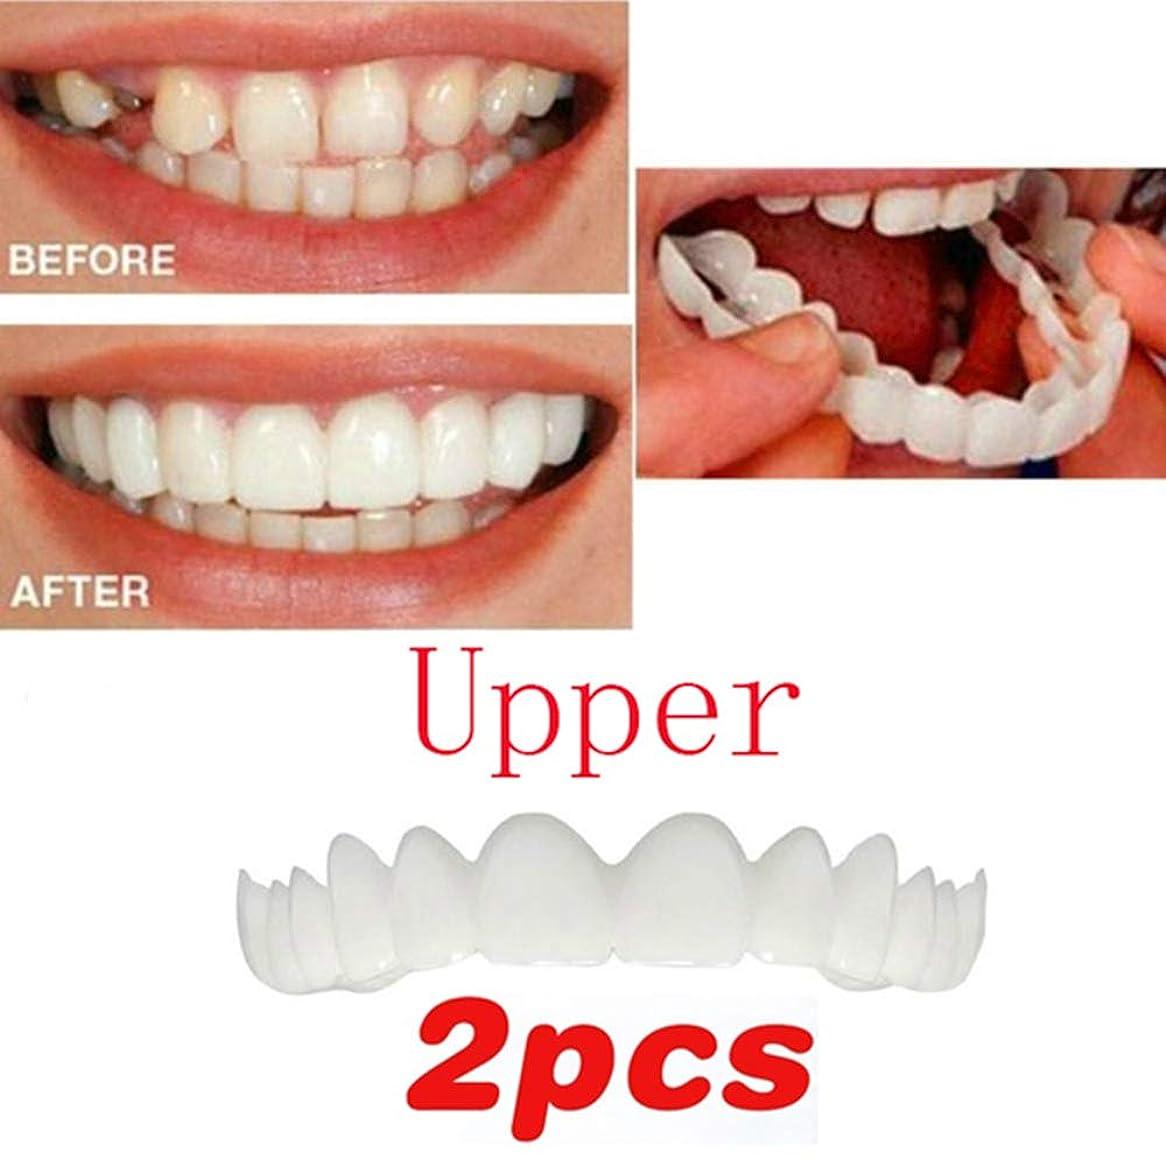 サワー演じる交換2ピース化粧品歯一時的な笑顔ホワイトニング歯インスタント快適な義歯上列再利用可能な大人のスナップ完璧な笑顔ベニヤカバー悪い黄色黒歯